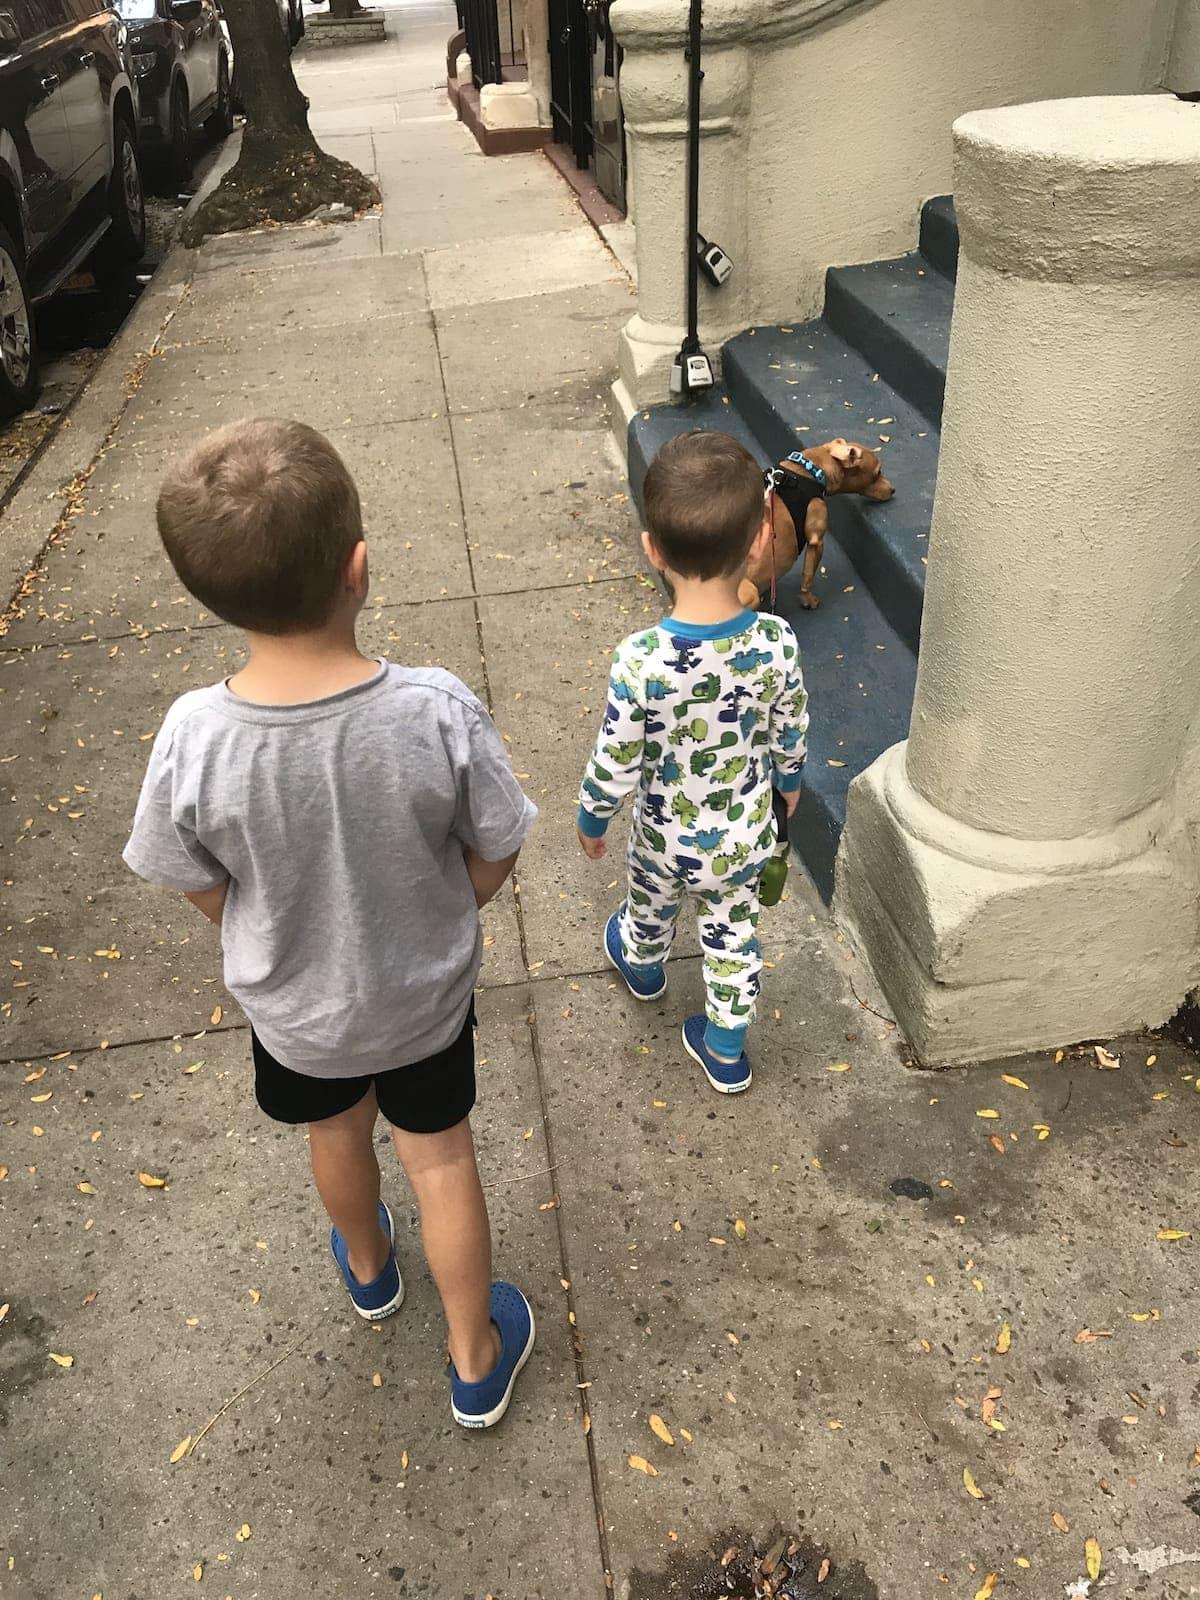 Blake and Eddie walking a dog